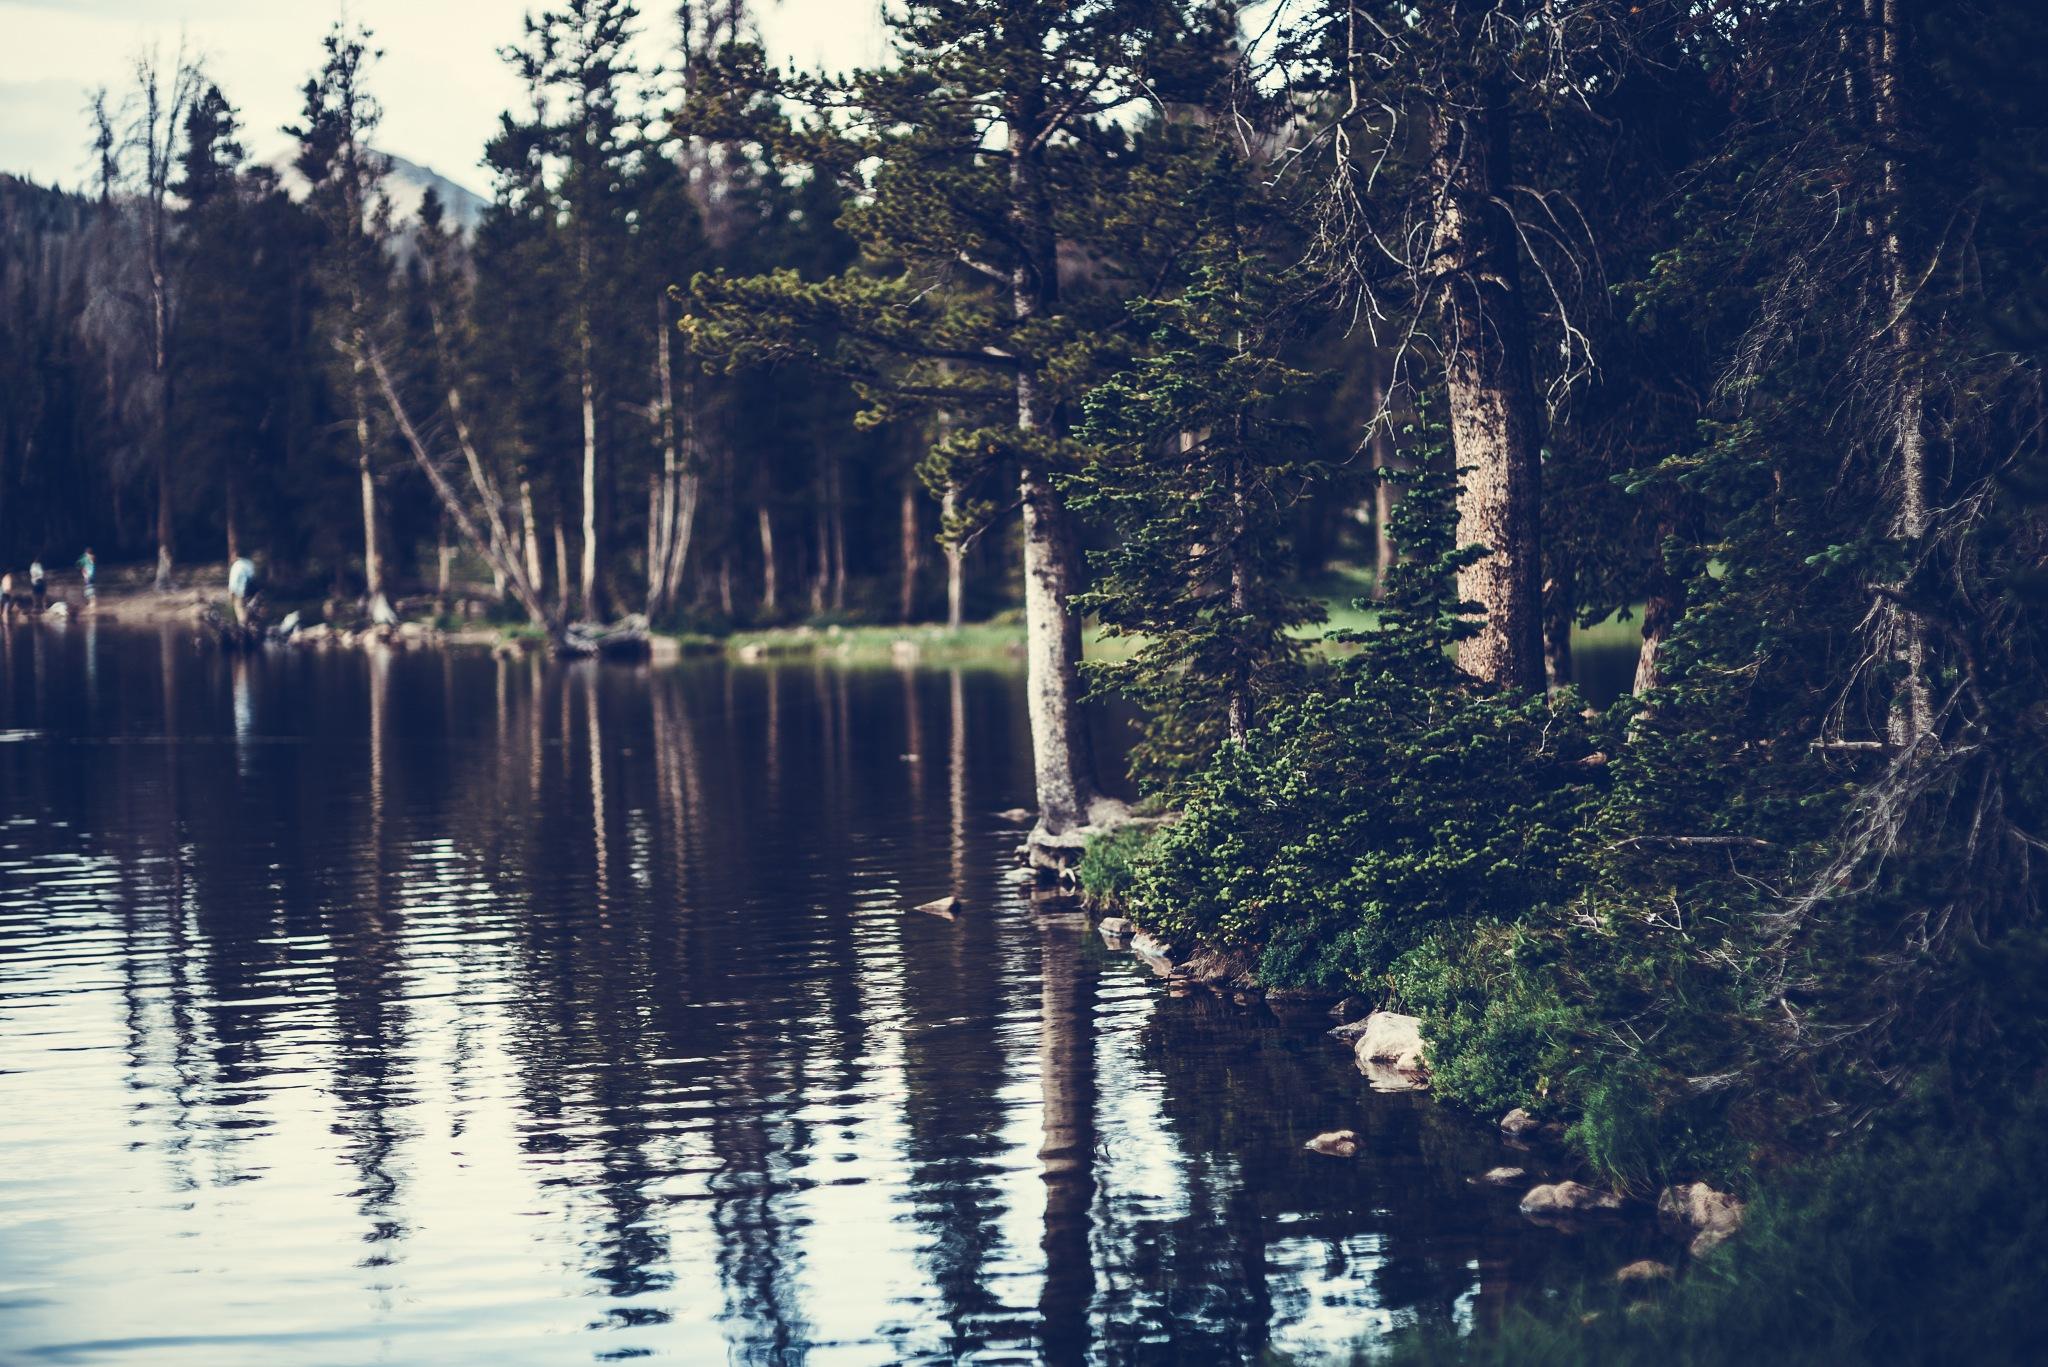 MIRROR LAKE by fotosbylang